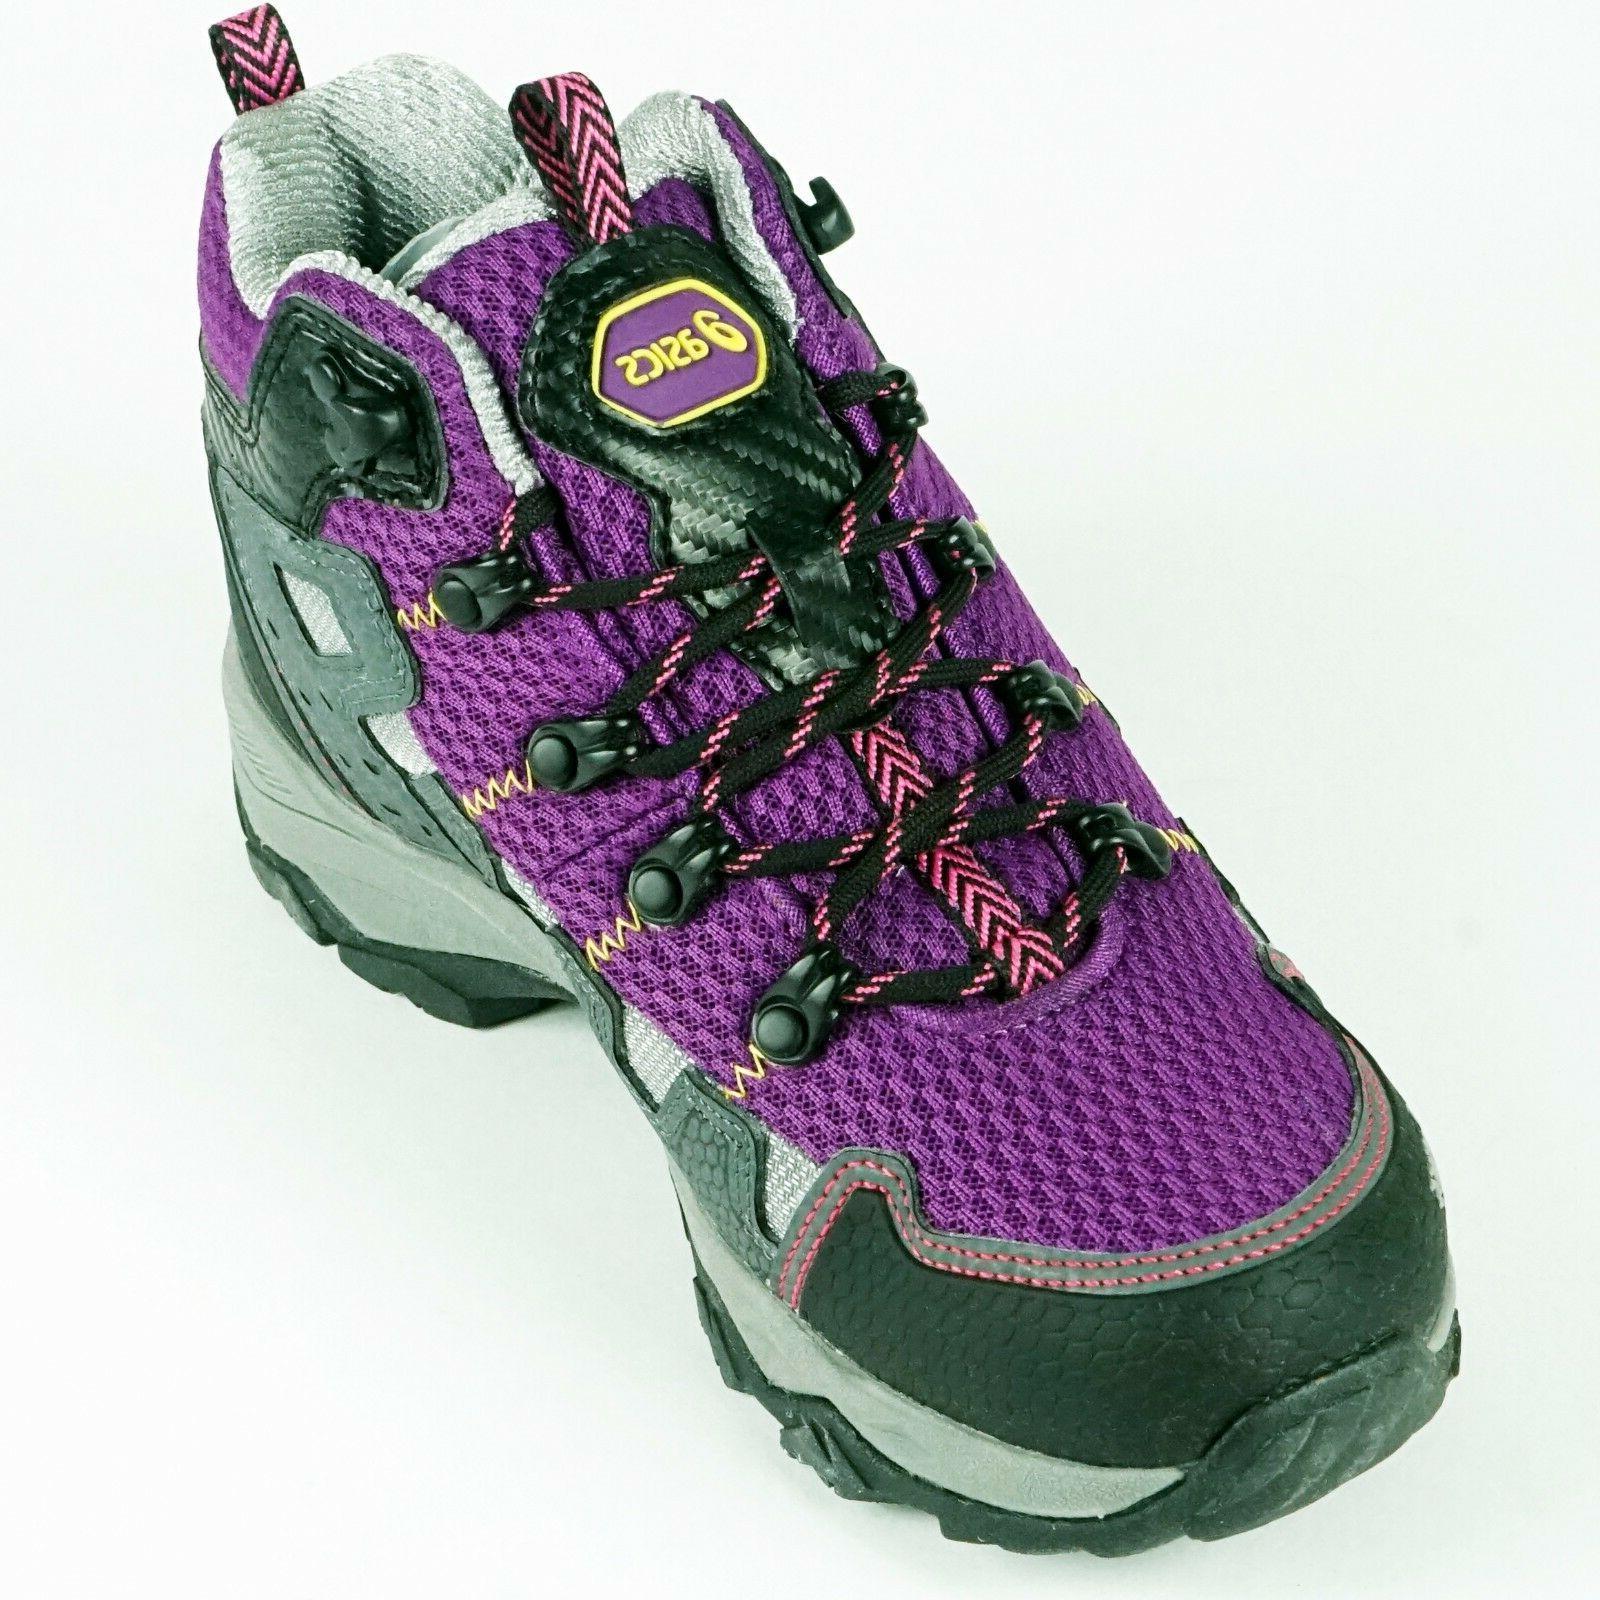 Asics Mid Trekking Trail Hiking Boots